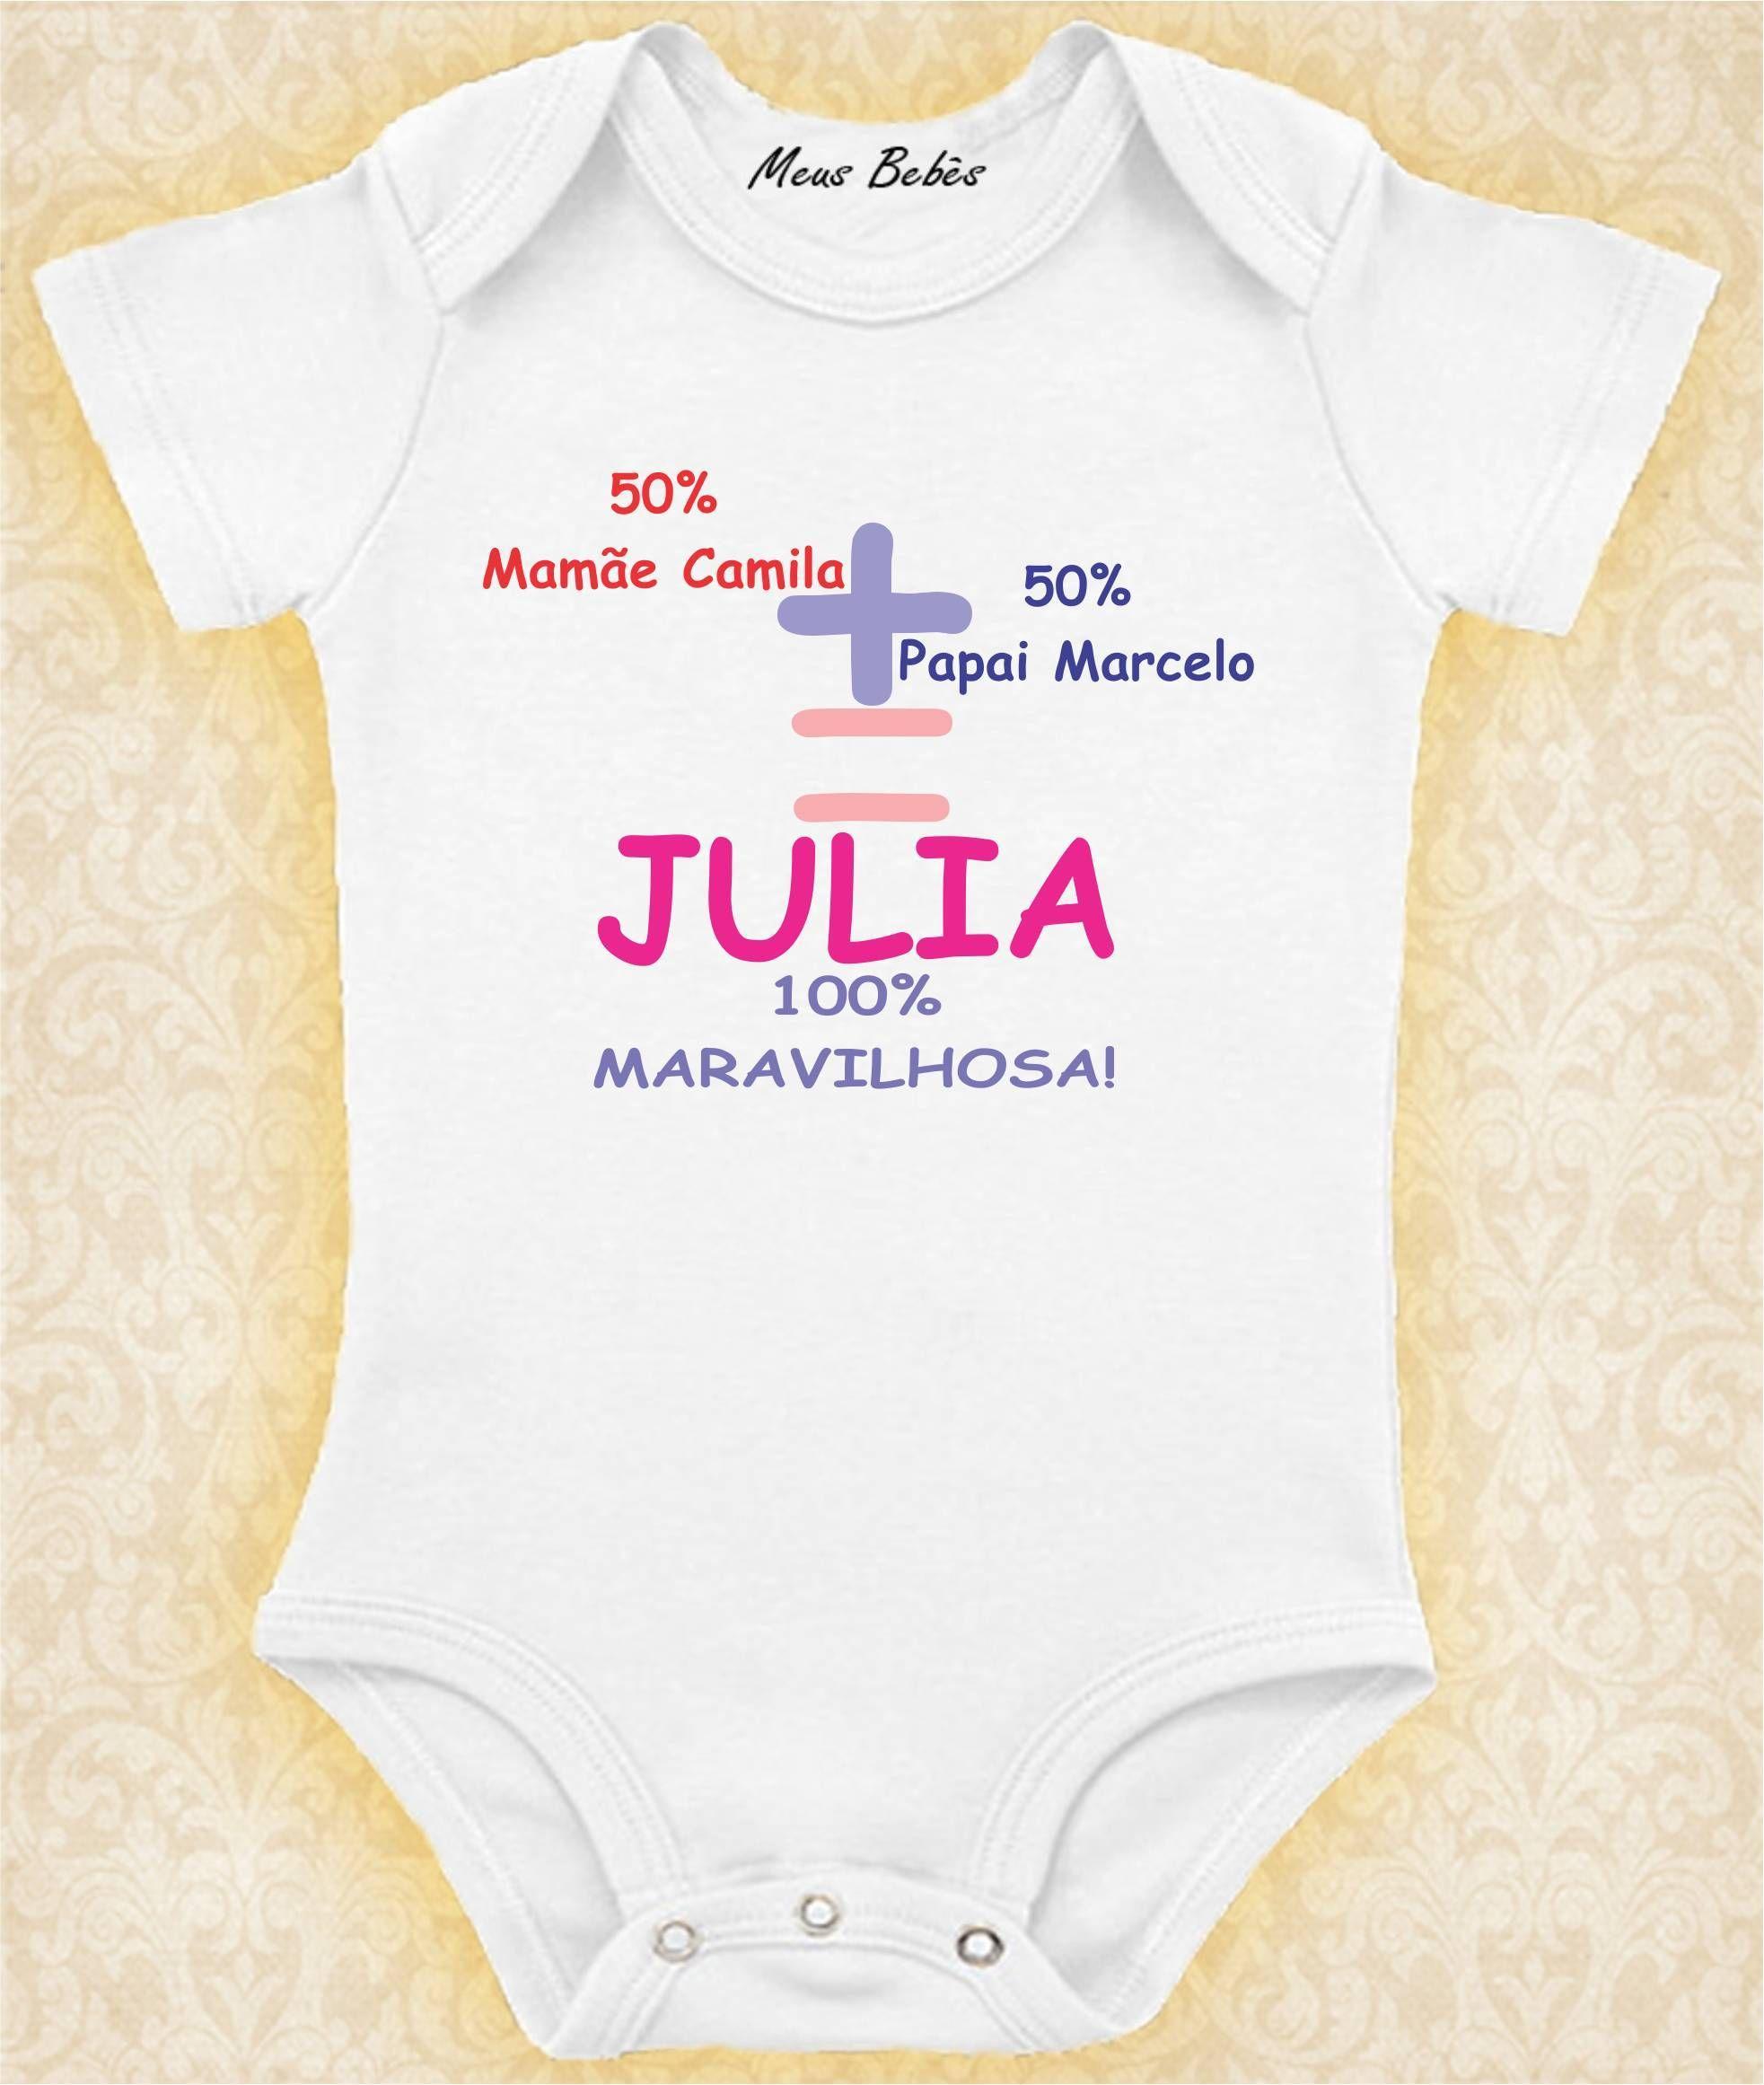 frases divertidas para roupa de bebe - Pesquisa Google  83107da539b